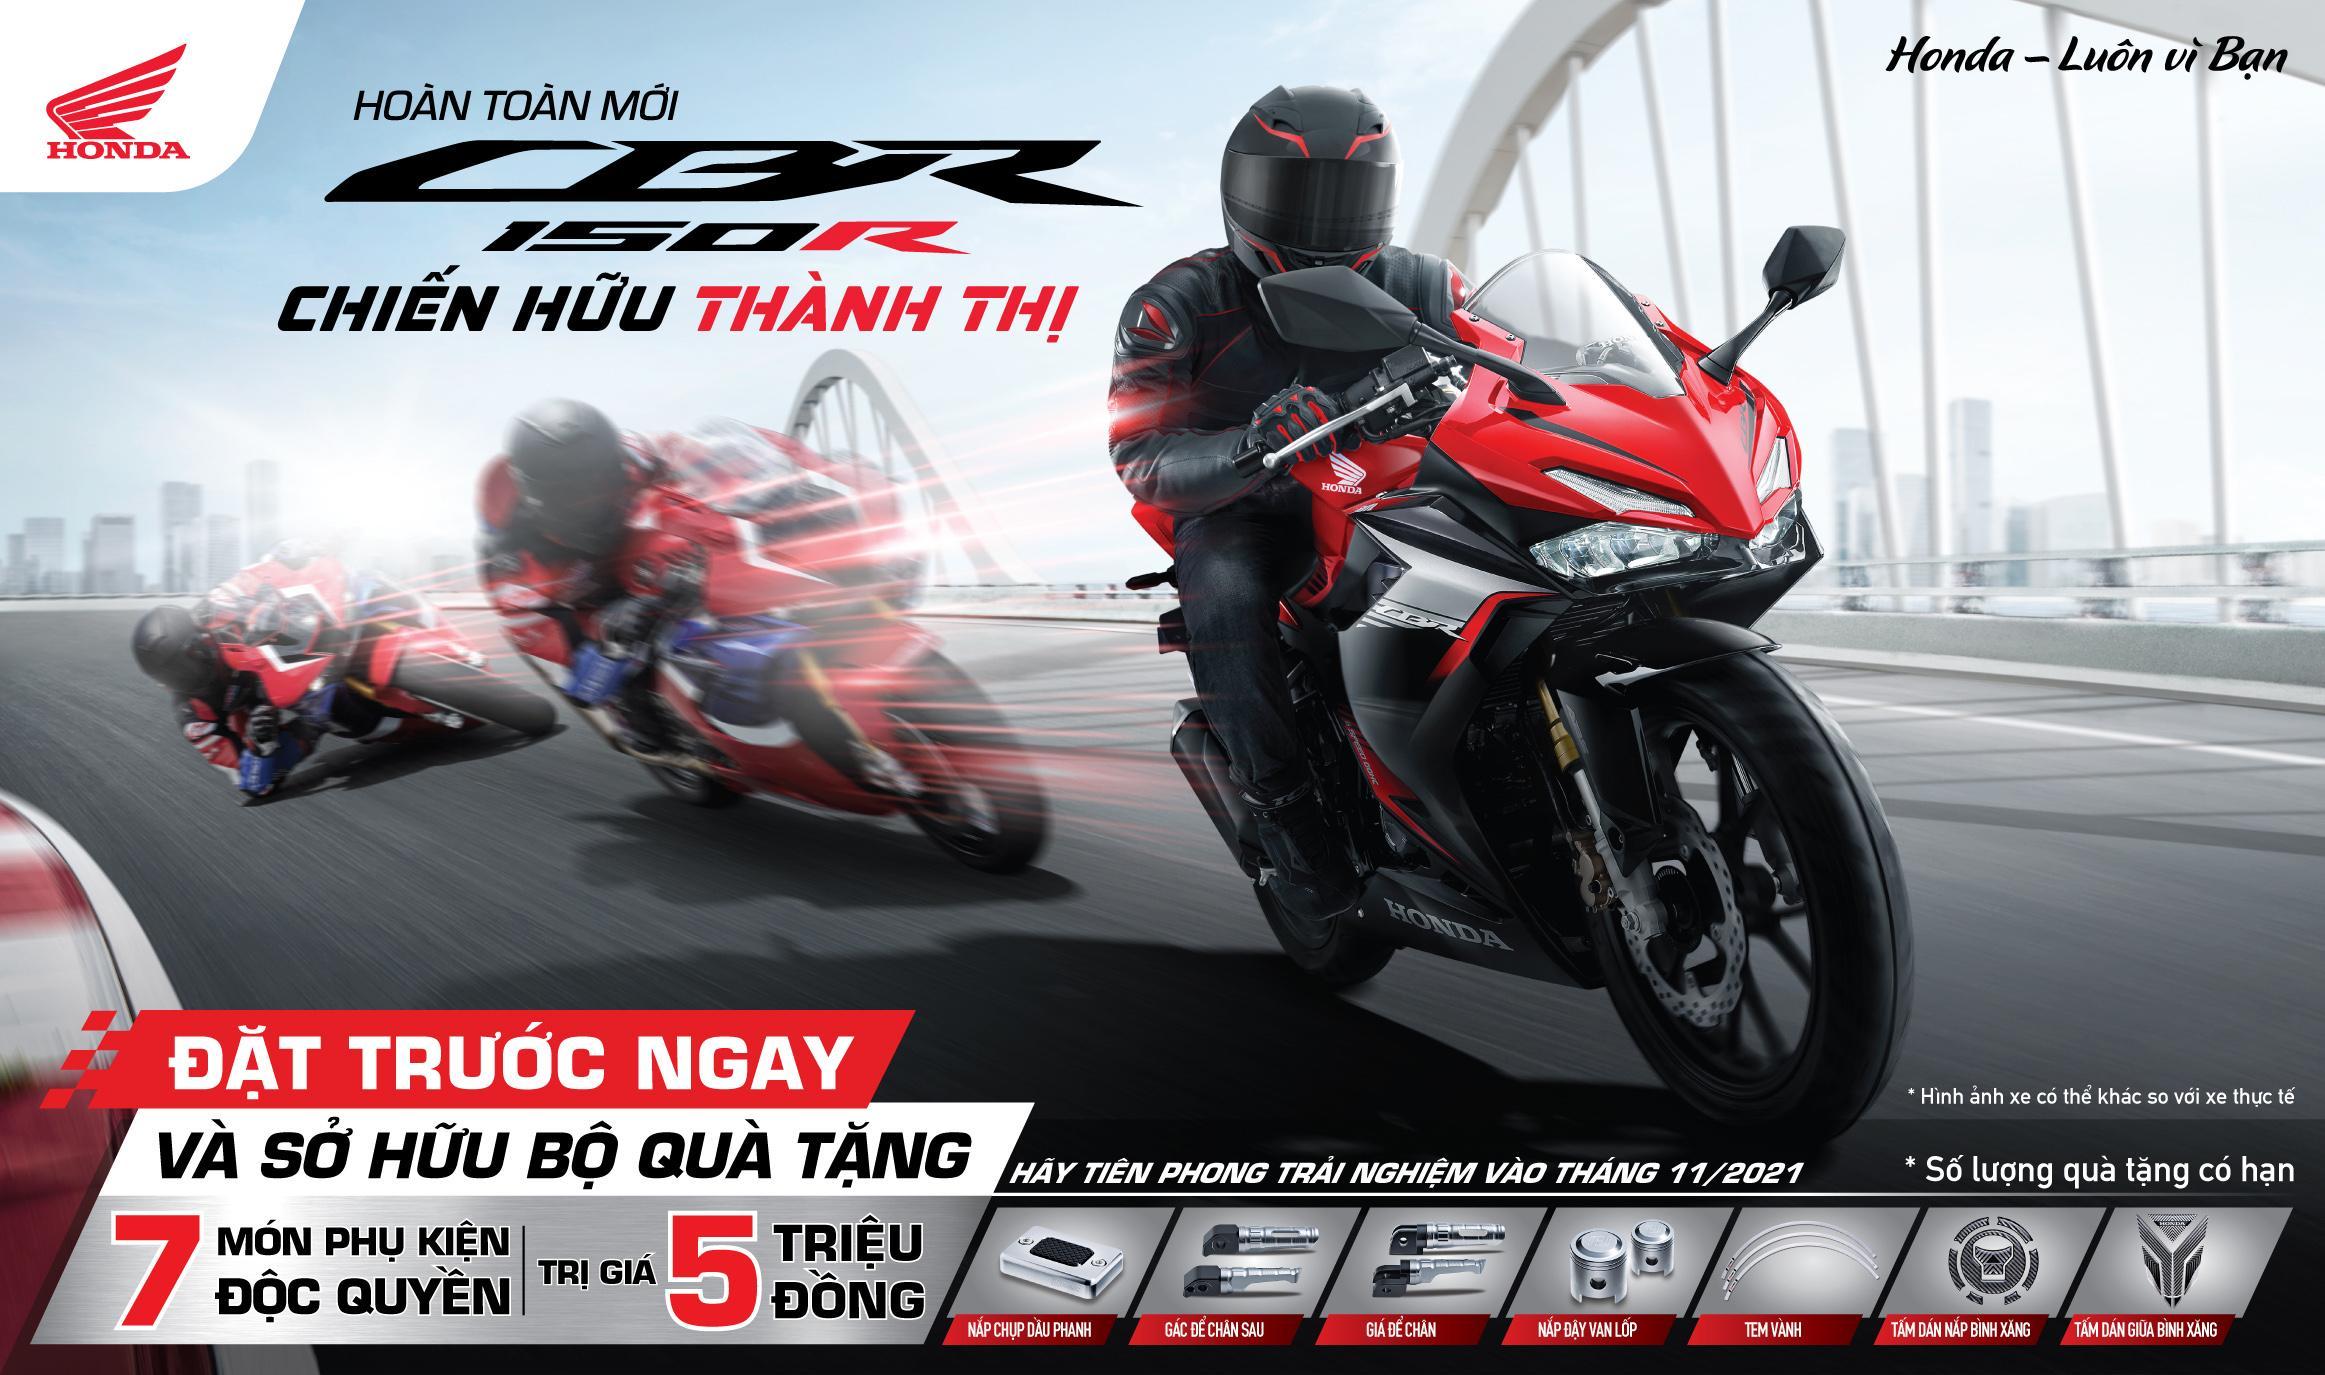 Honda Việt Nam chính thức giới thiệu mẫu xe hoàn toàn mới CBR150R